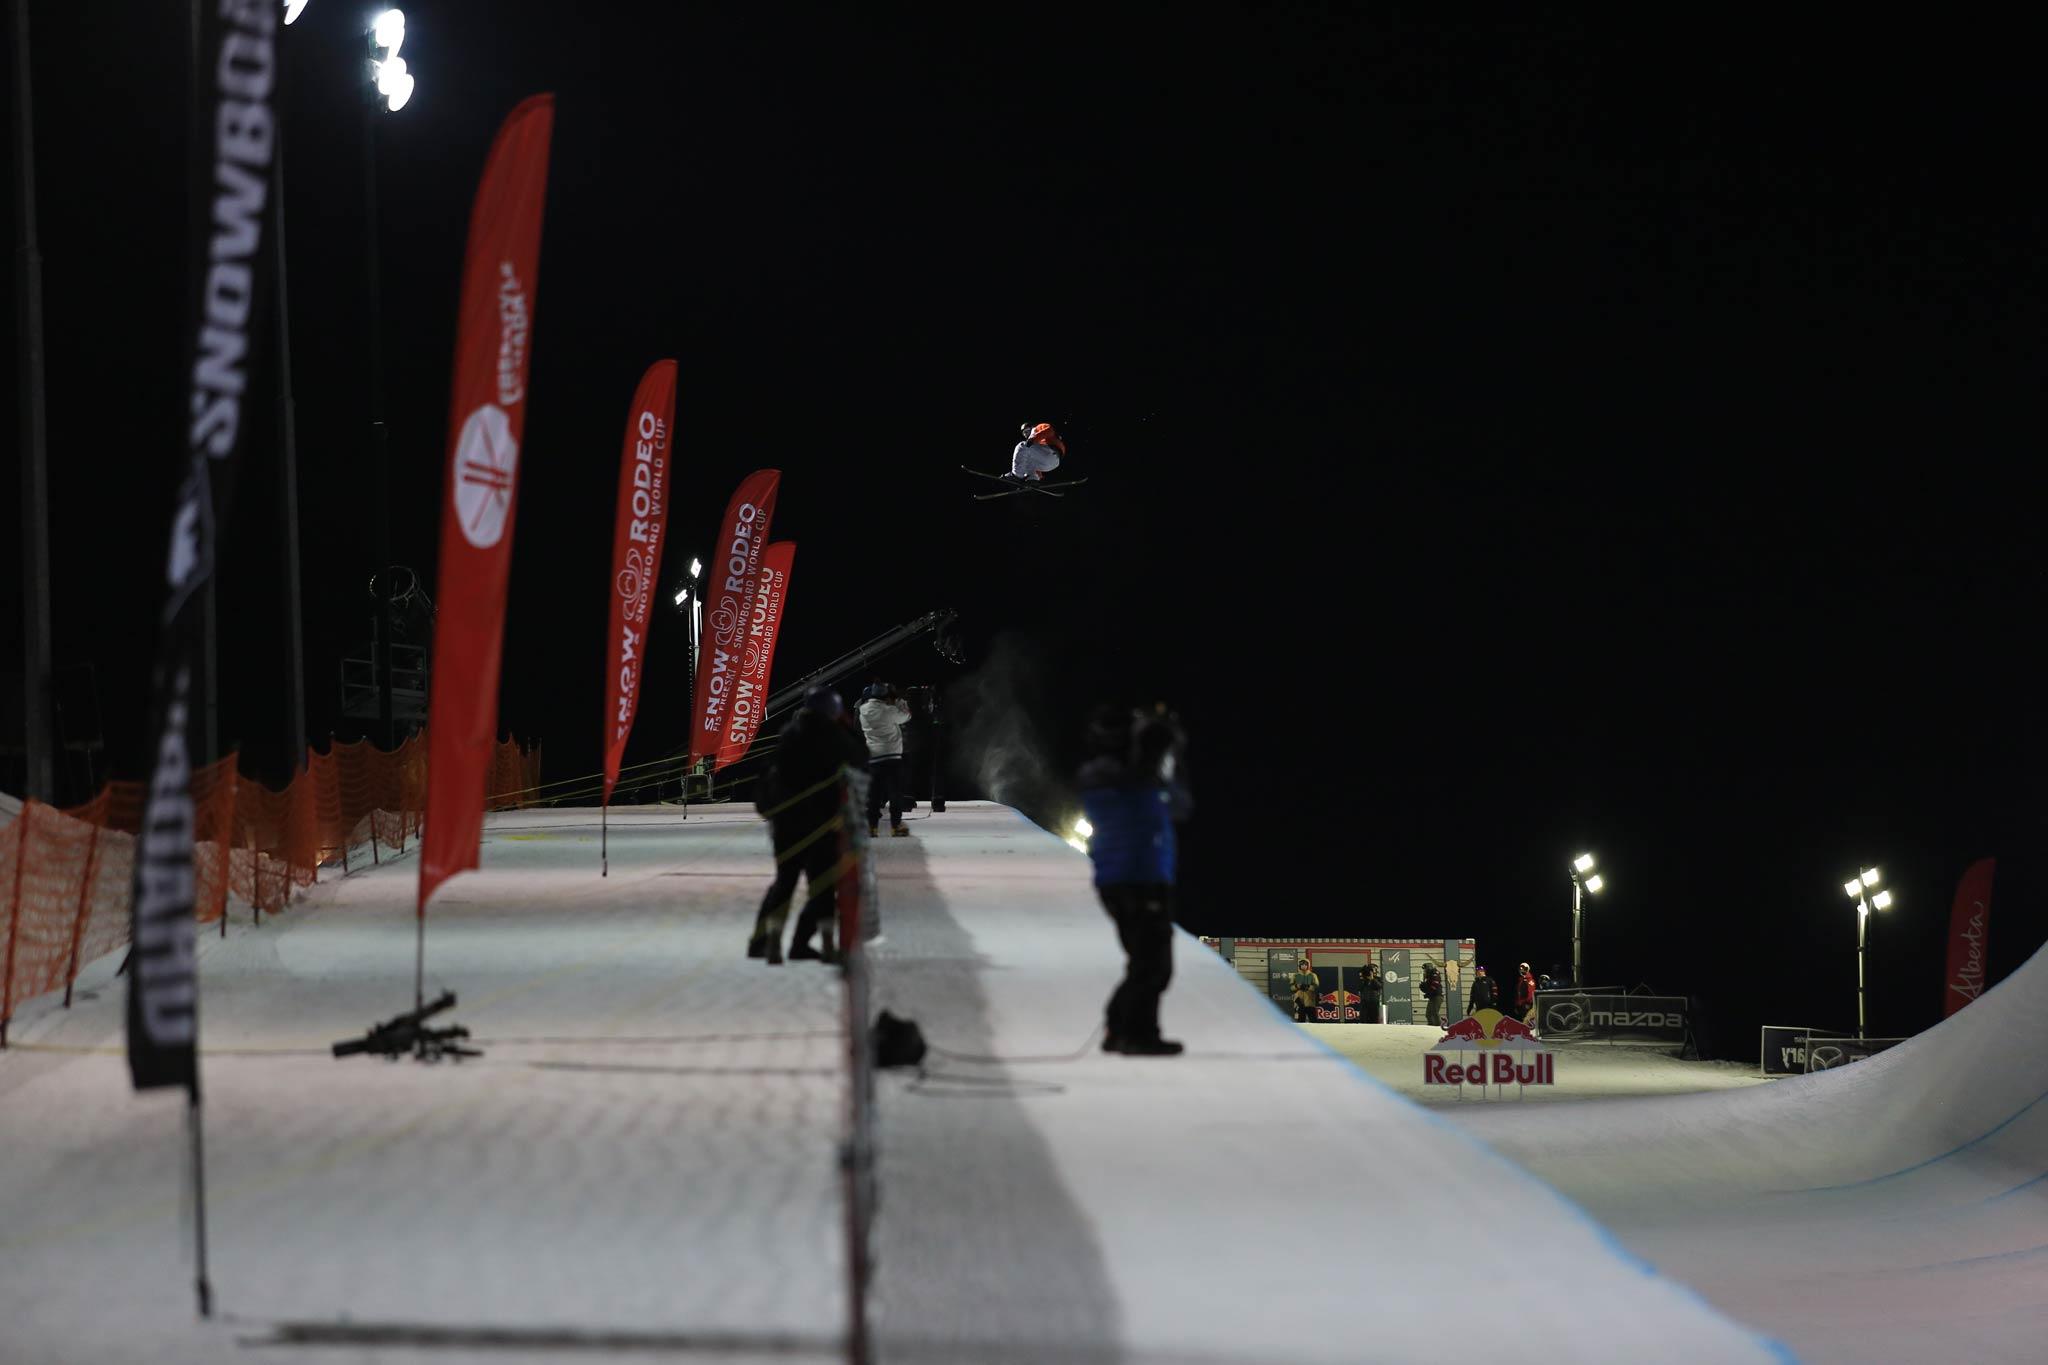 Mit dem Contest in Calgary, Kanada, geht die FIS Freestyle Halfpipe Saison 19/20 zu Ende. - Foto: FIS Freestyle